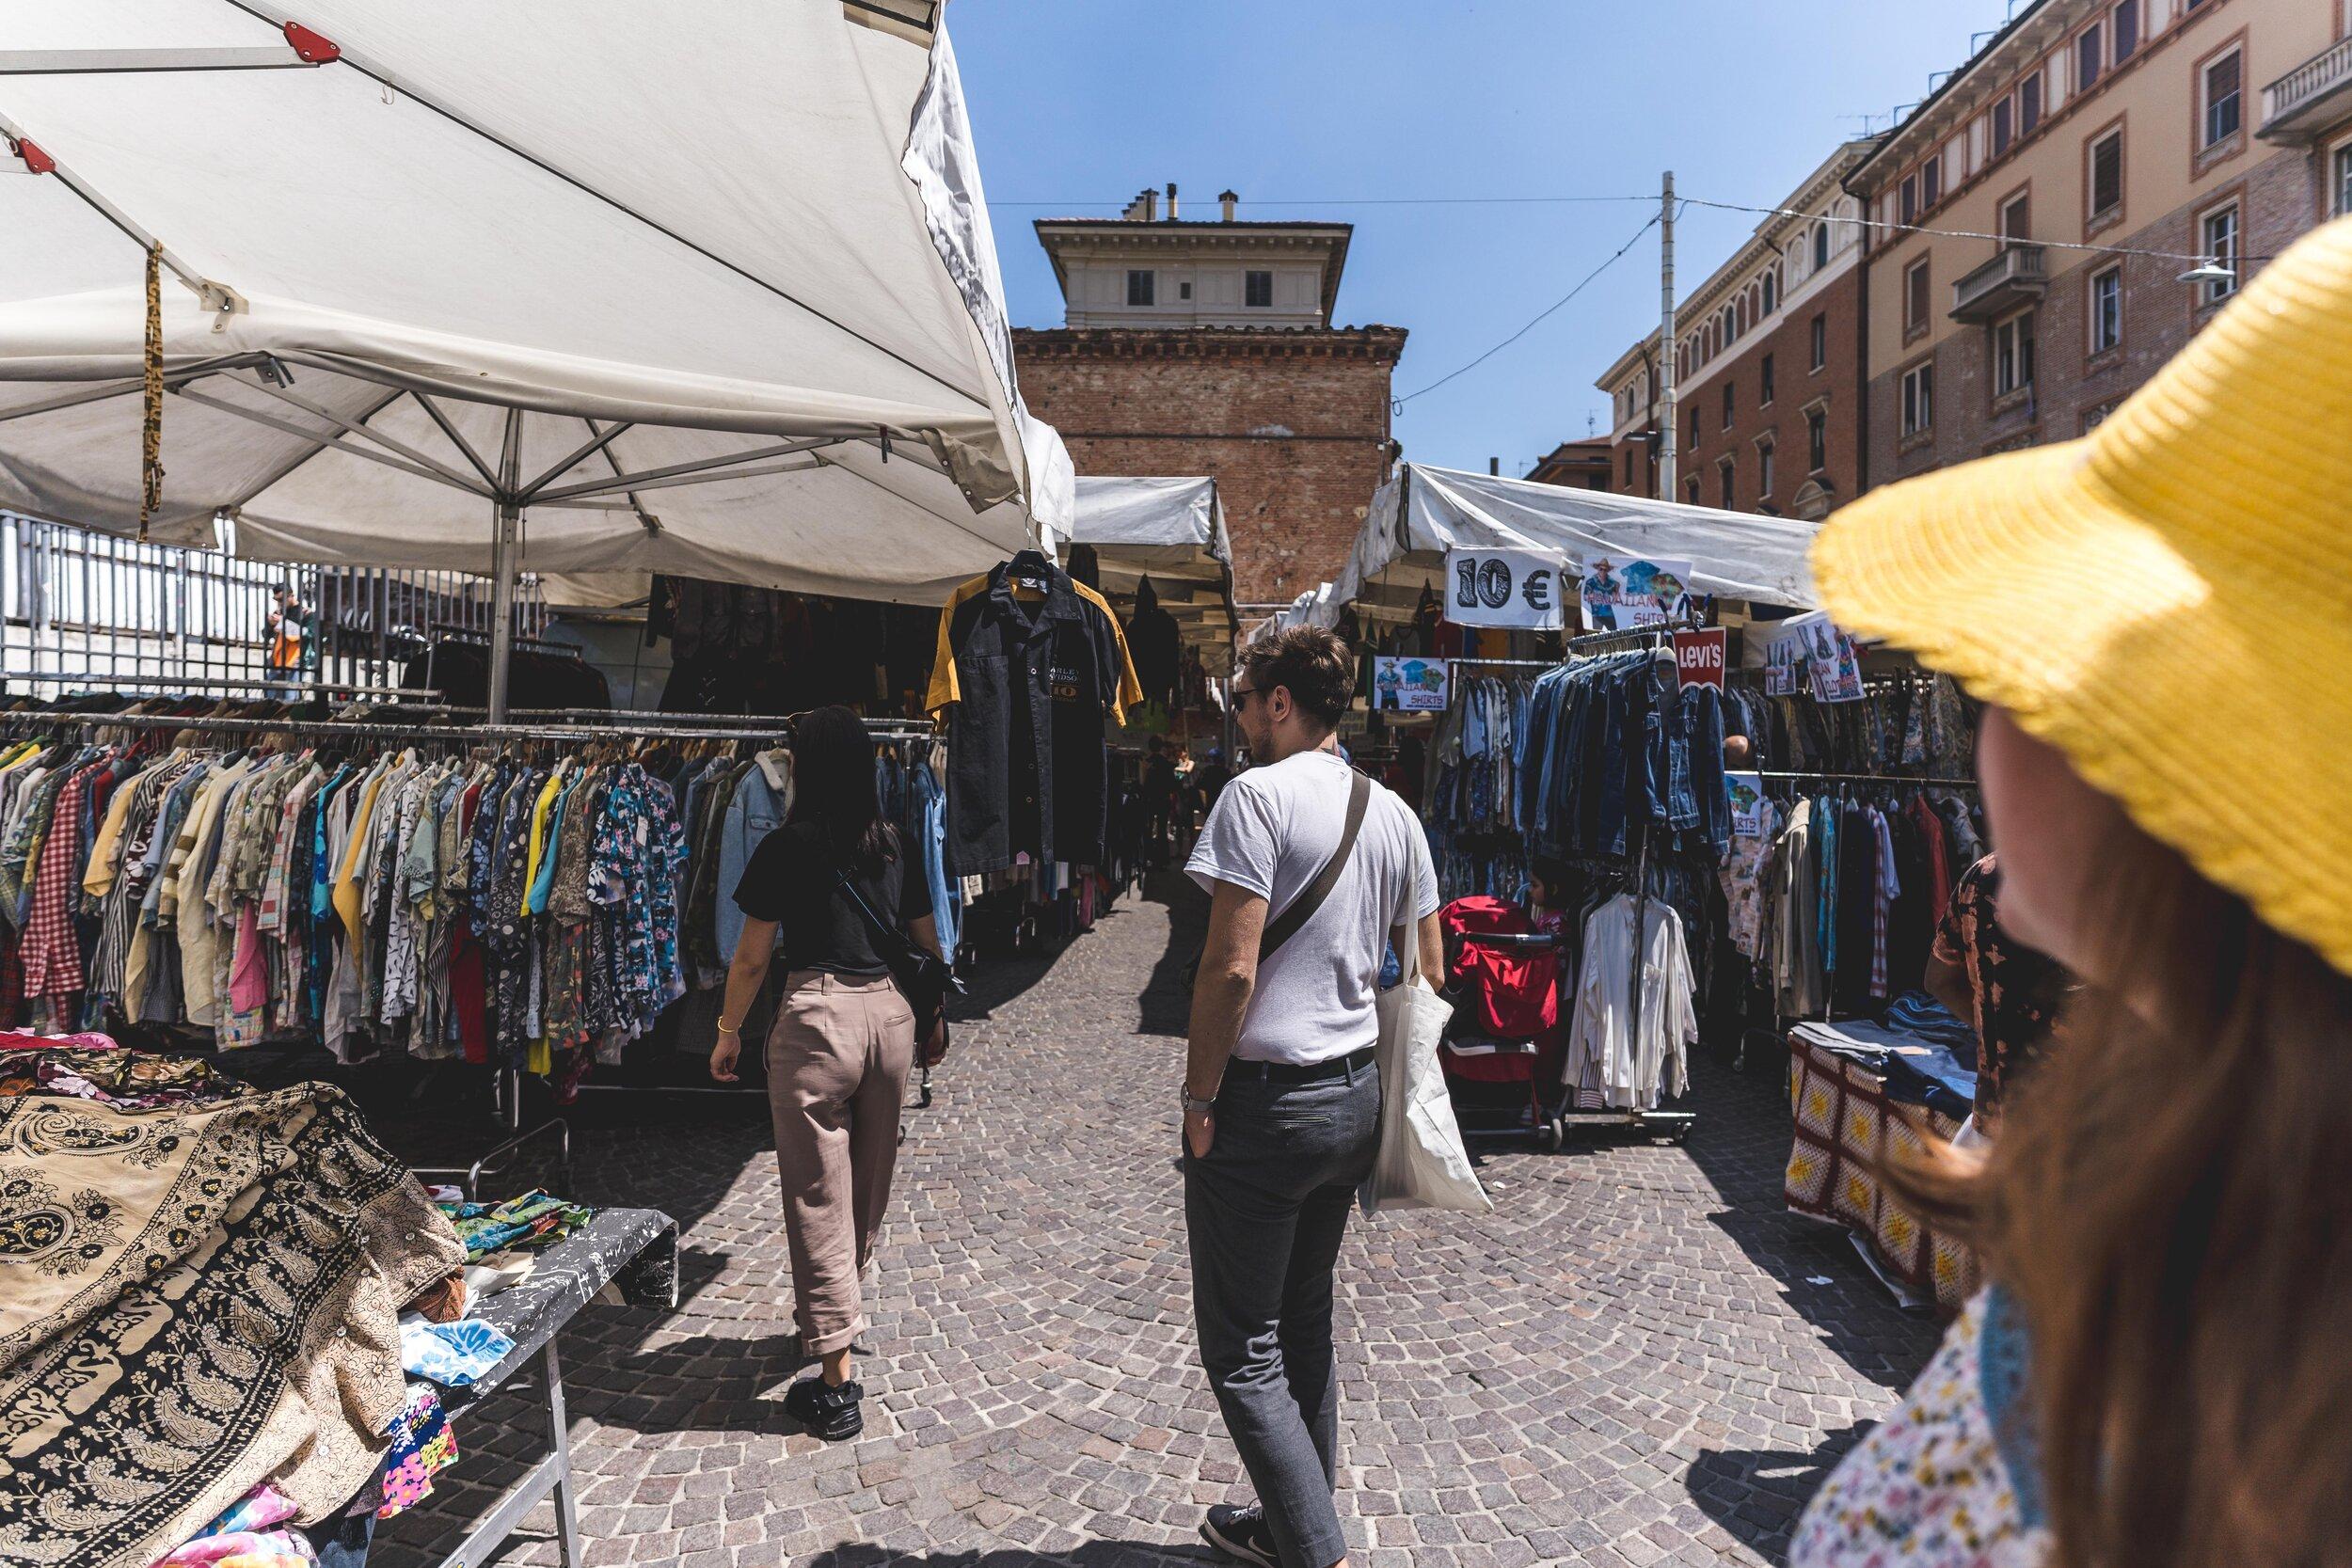 people walking through market.jpg